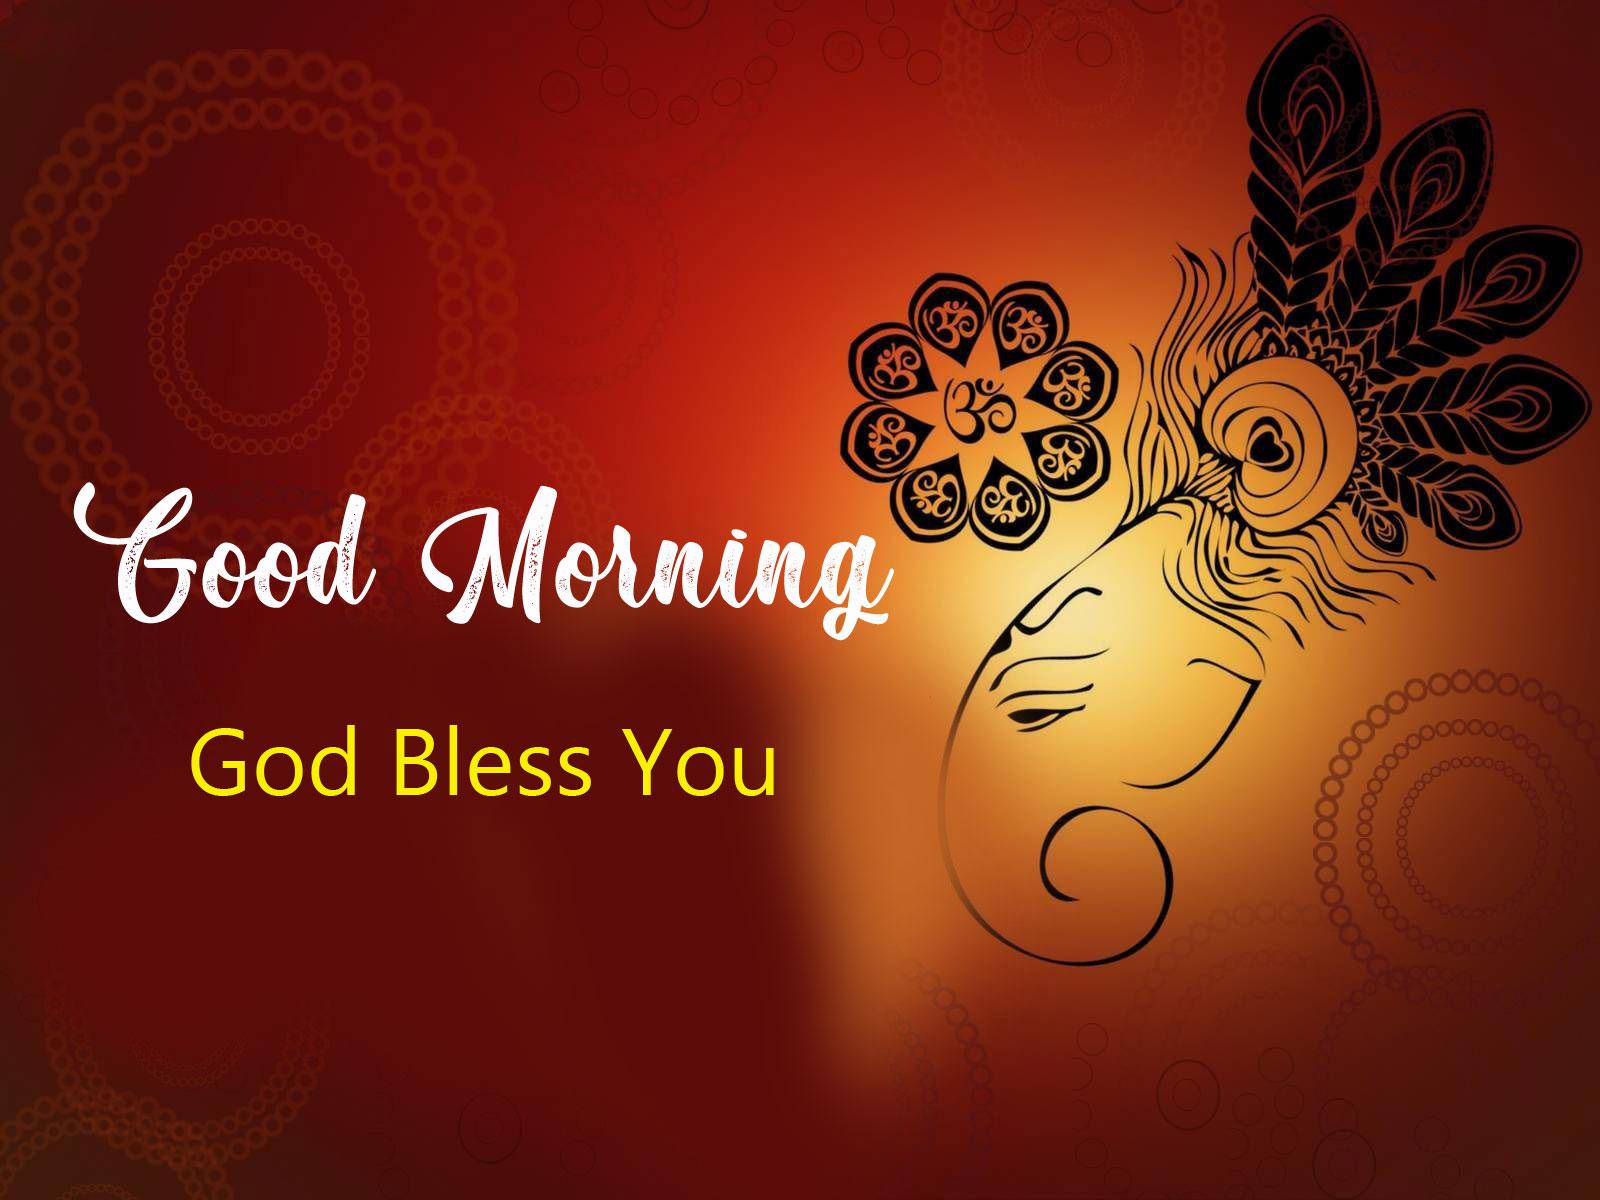 ganesha good morning images hd